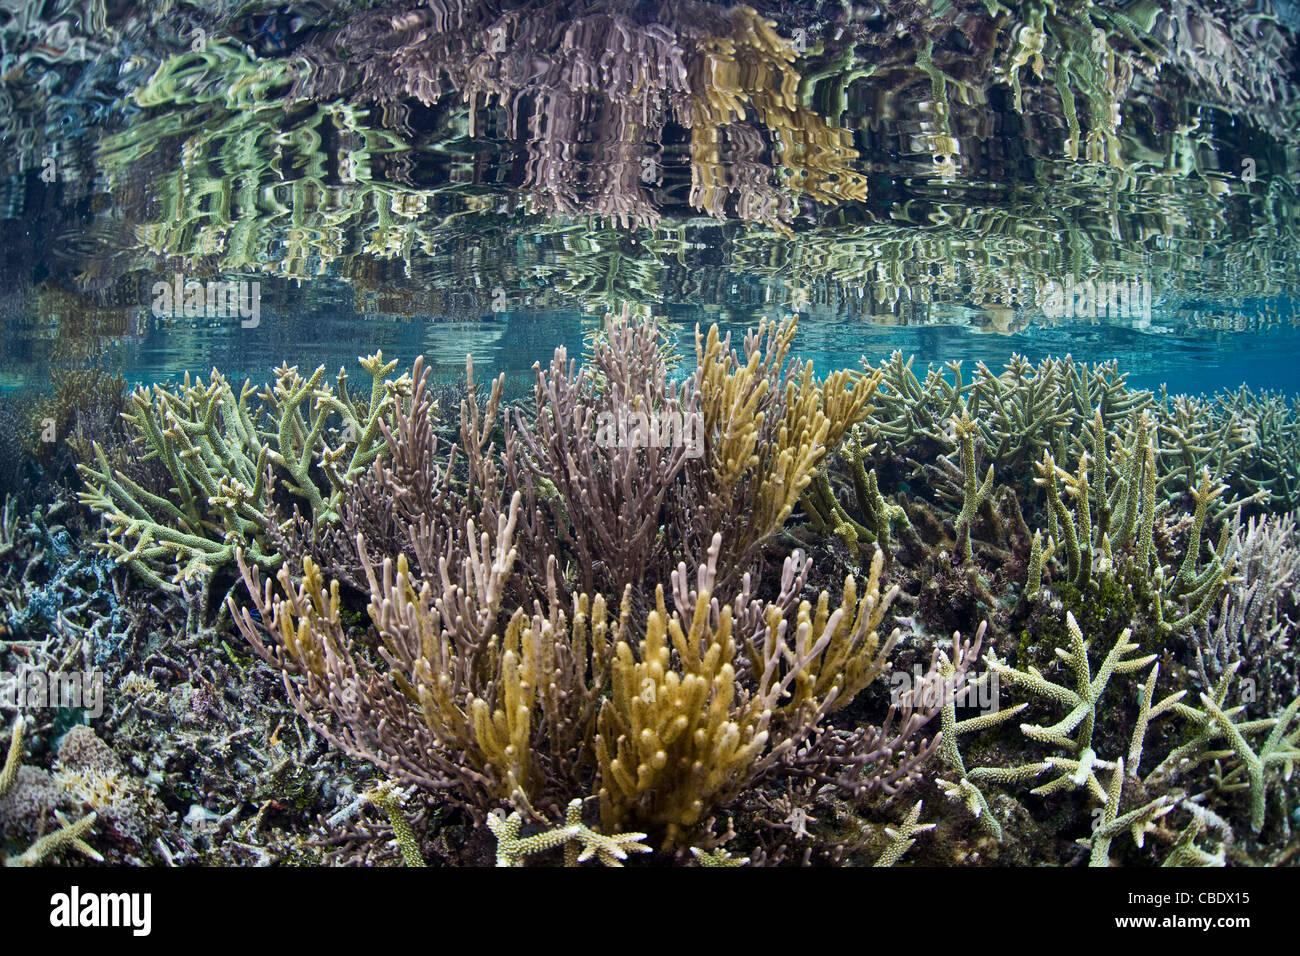 Hirschhorn Korallen, Acropora spp., konkurrieren mit schnell wachsenden Gorgonien für Speicherplatz auf einem Stockbild